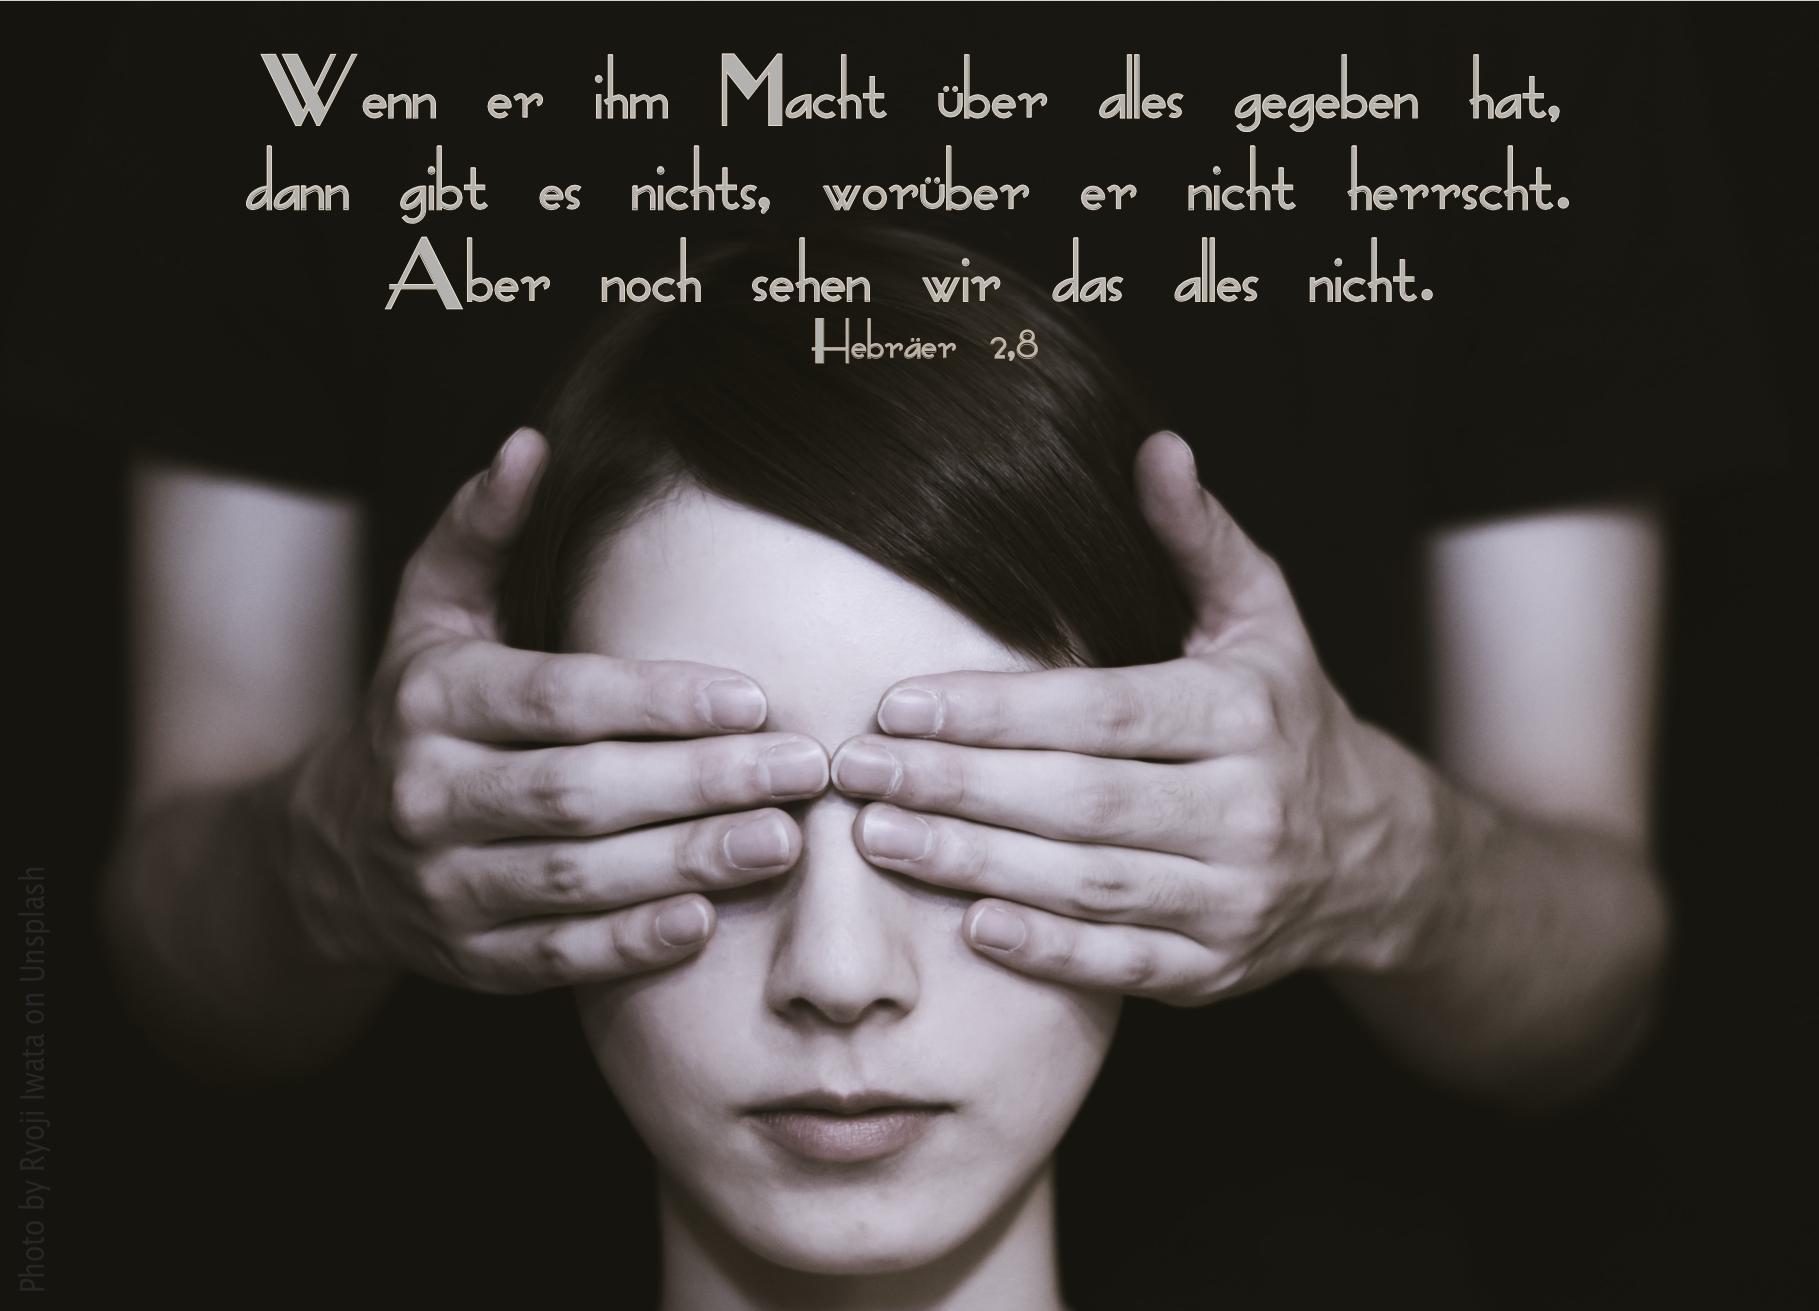 """alt=""""einer_person_werden_die_augen_zugehalten_erwartet_bibelhoerbuch_jesus_der_mensch"""""""